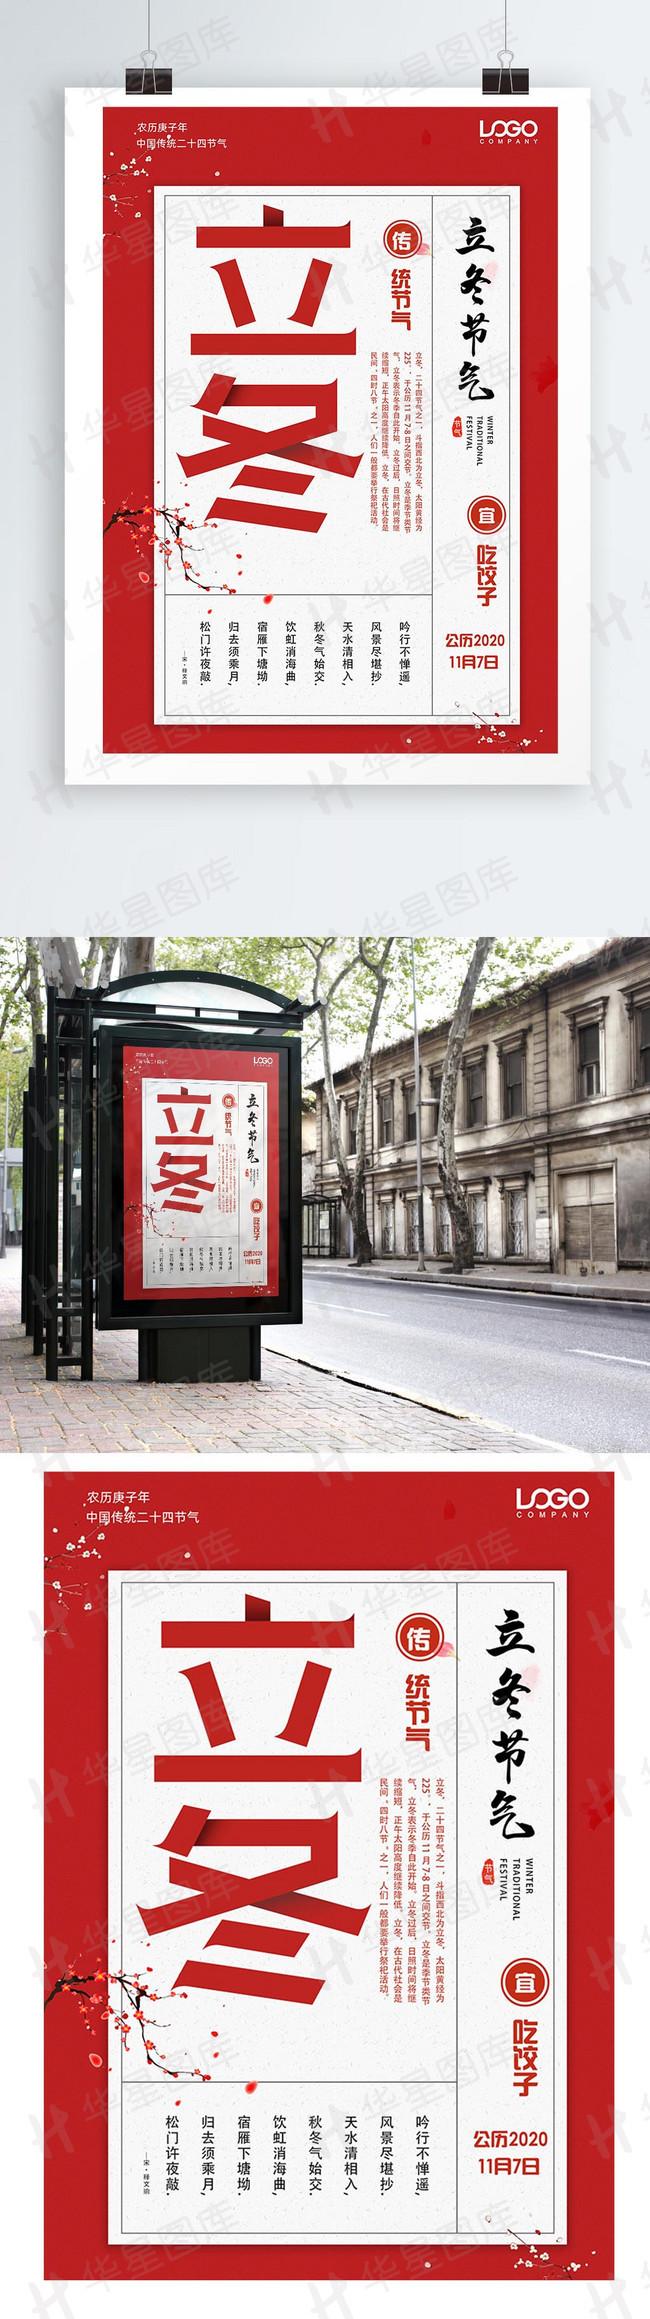 原创简约创意复古红色日历立冬节气海报设计